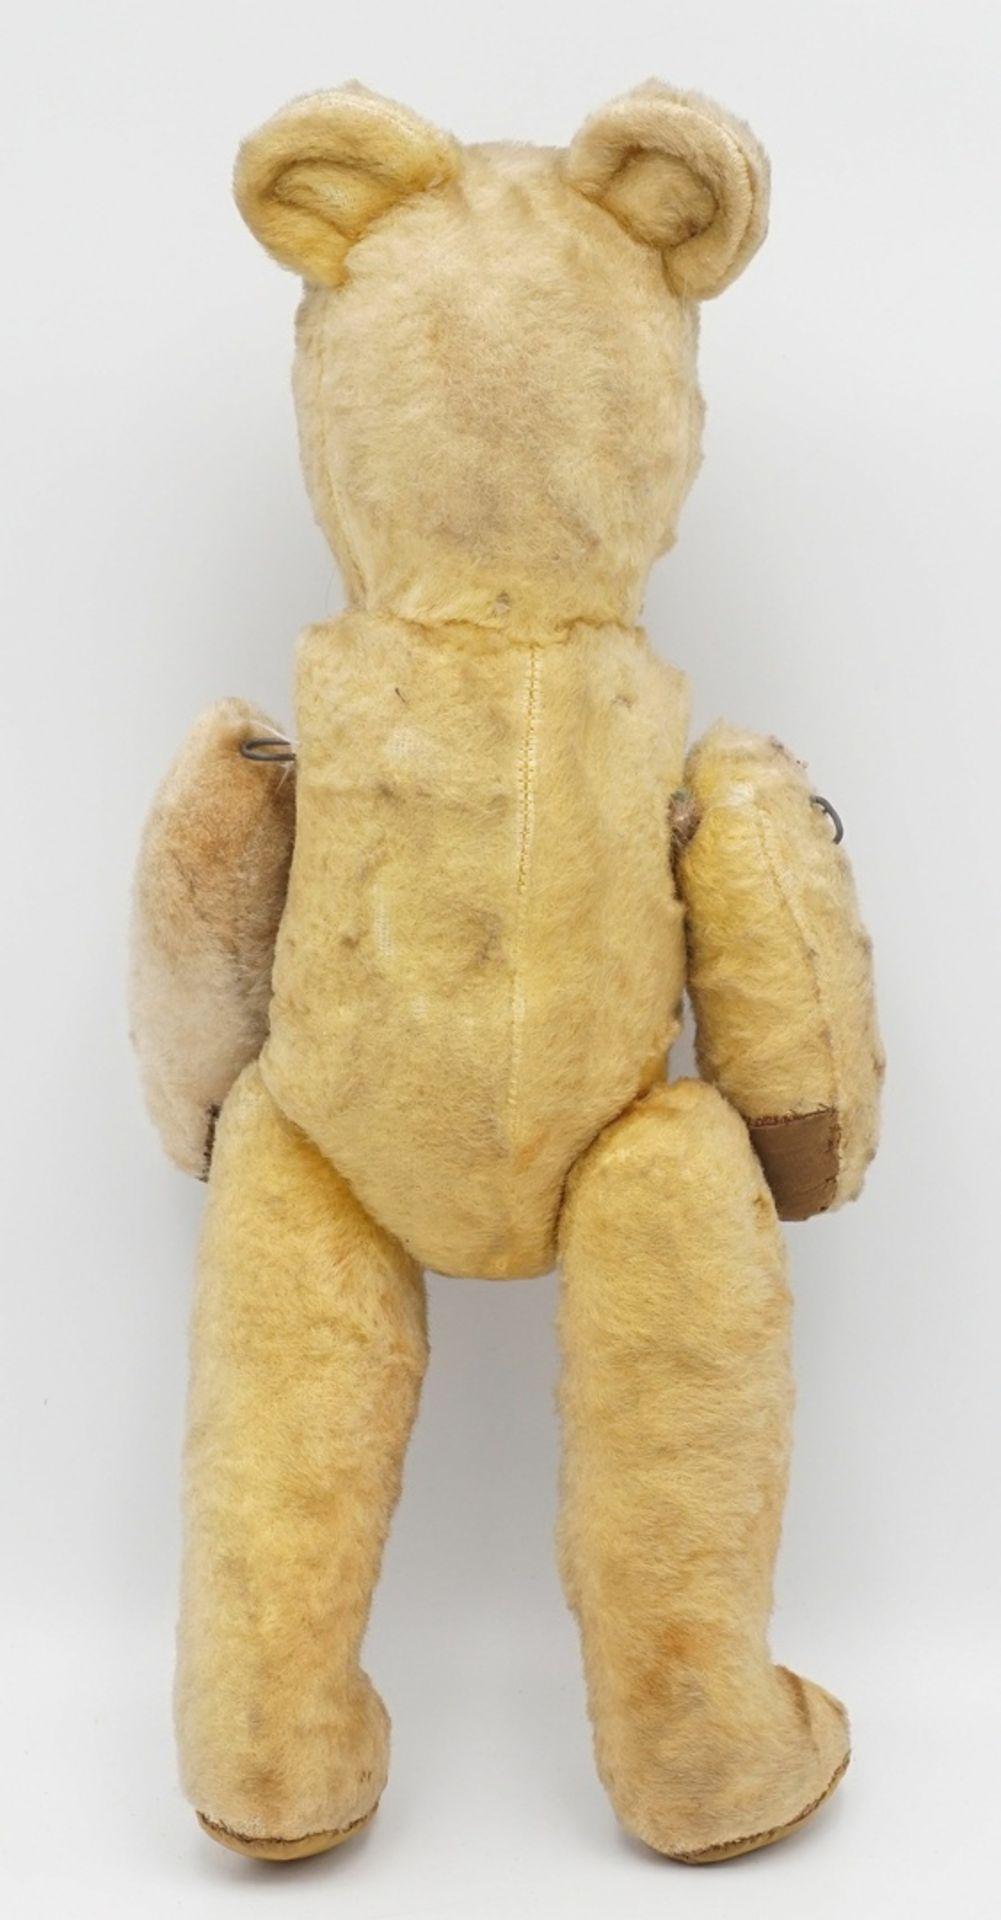 Teddybär, 1. Hälfte 20. Jh. - Bild 2 aus 2